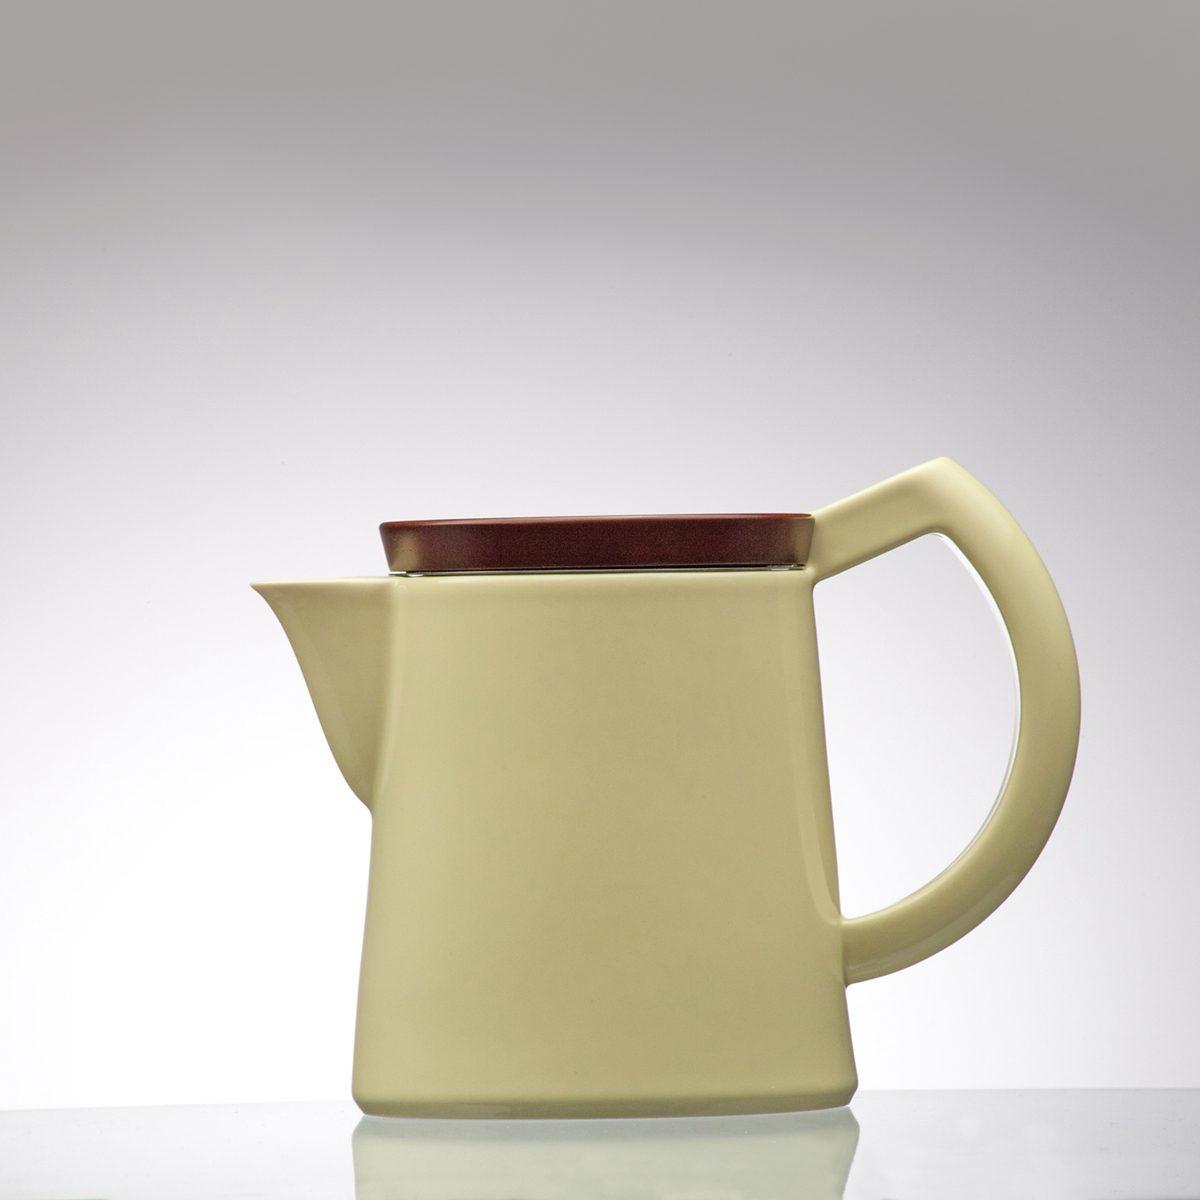 Sowden Sowden SoftBrew Kaffeekanne JAKOB 0.8L gelb mit Holzdeckel